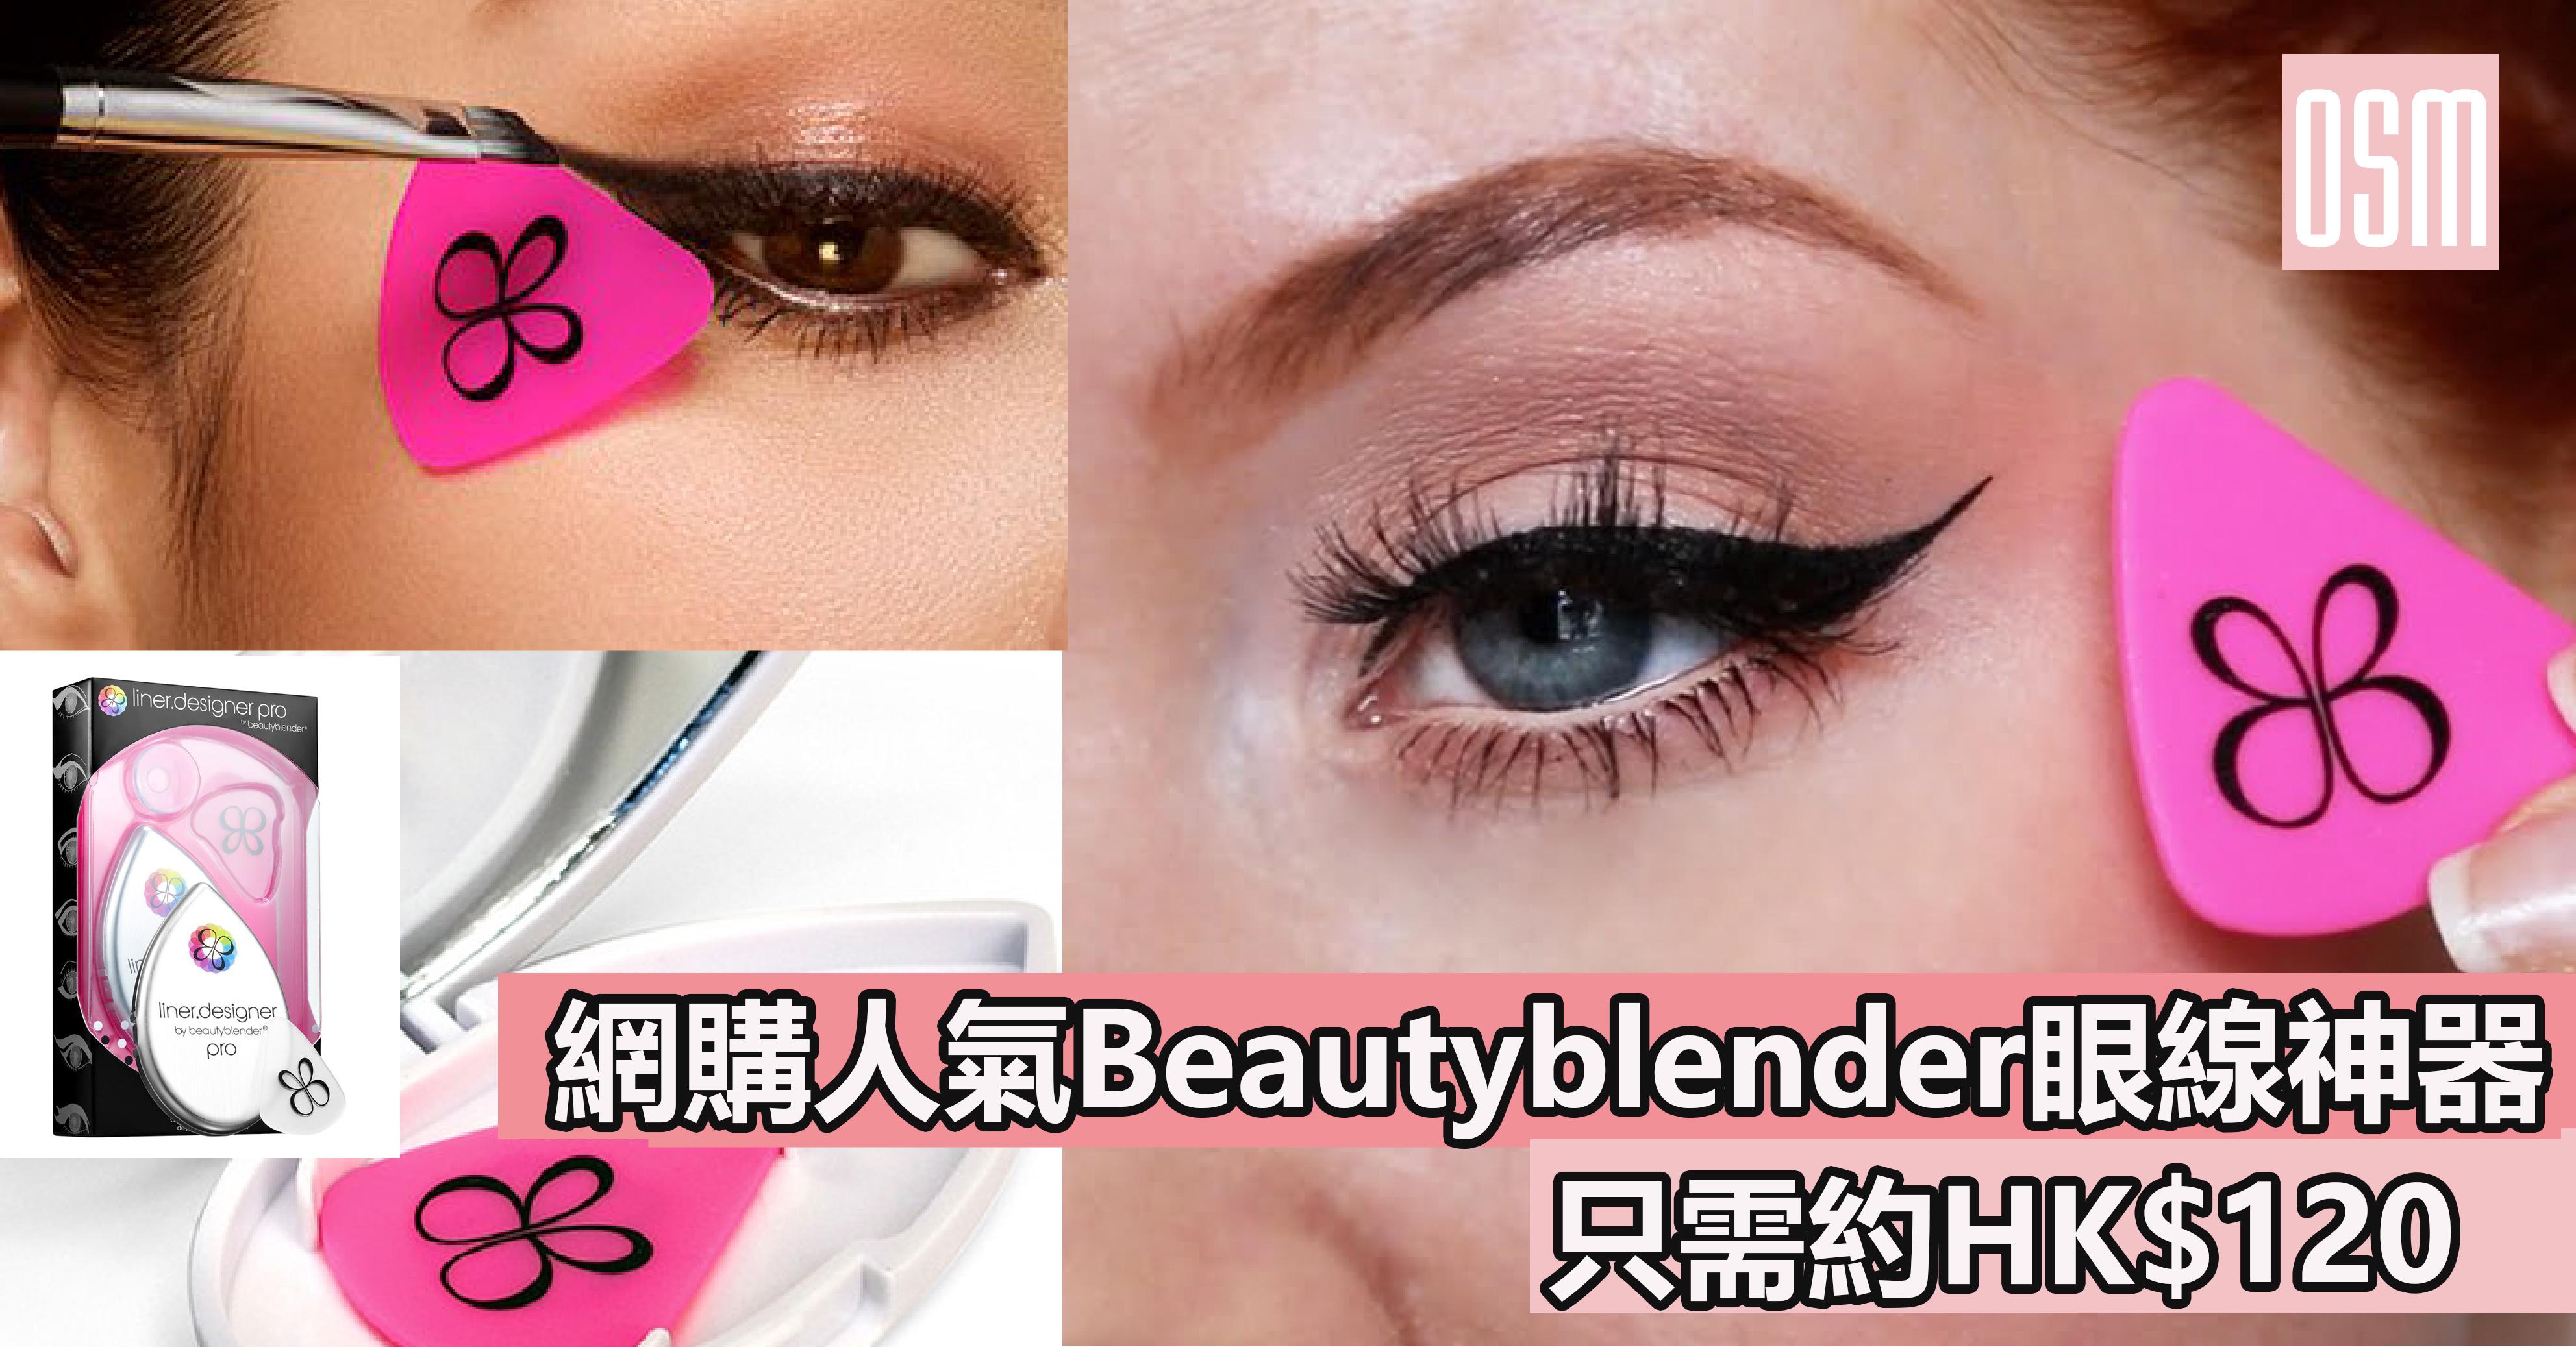 網購人氣Beautyblender眼線神器 只需HK$120+(需運費)直運香港/免費澳門